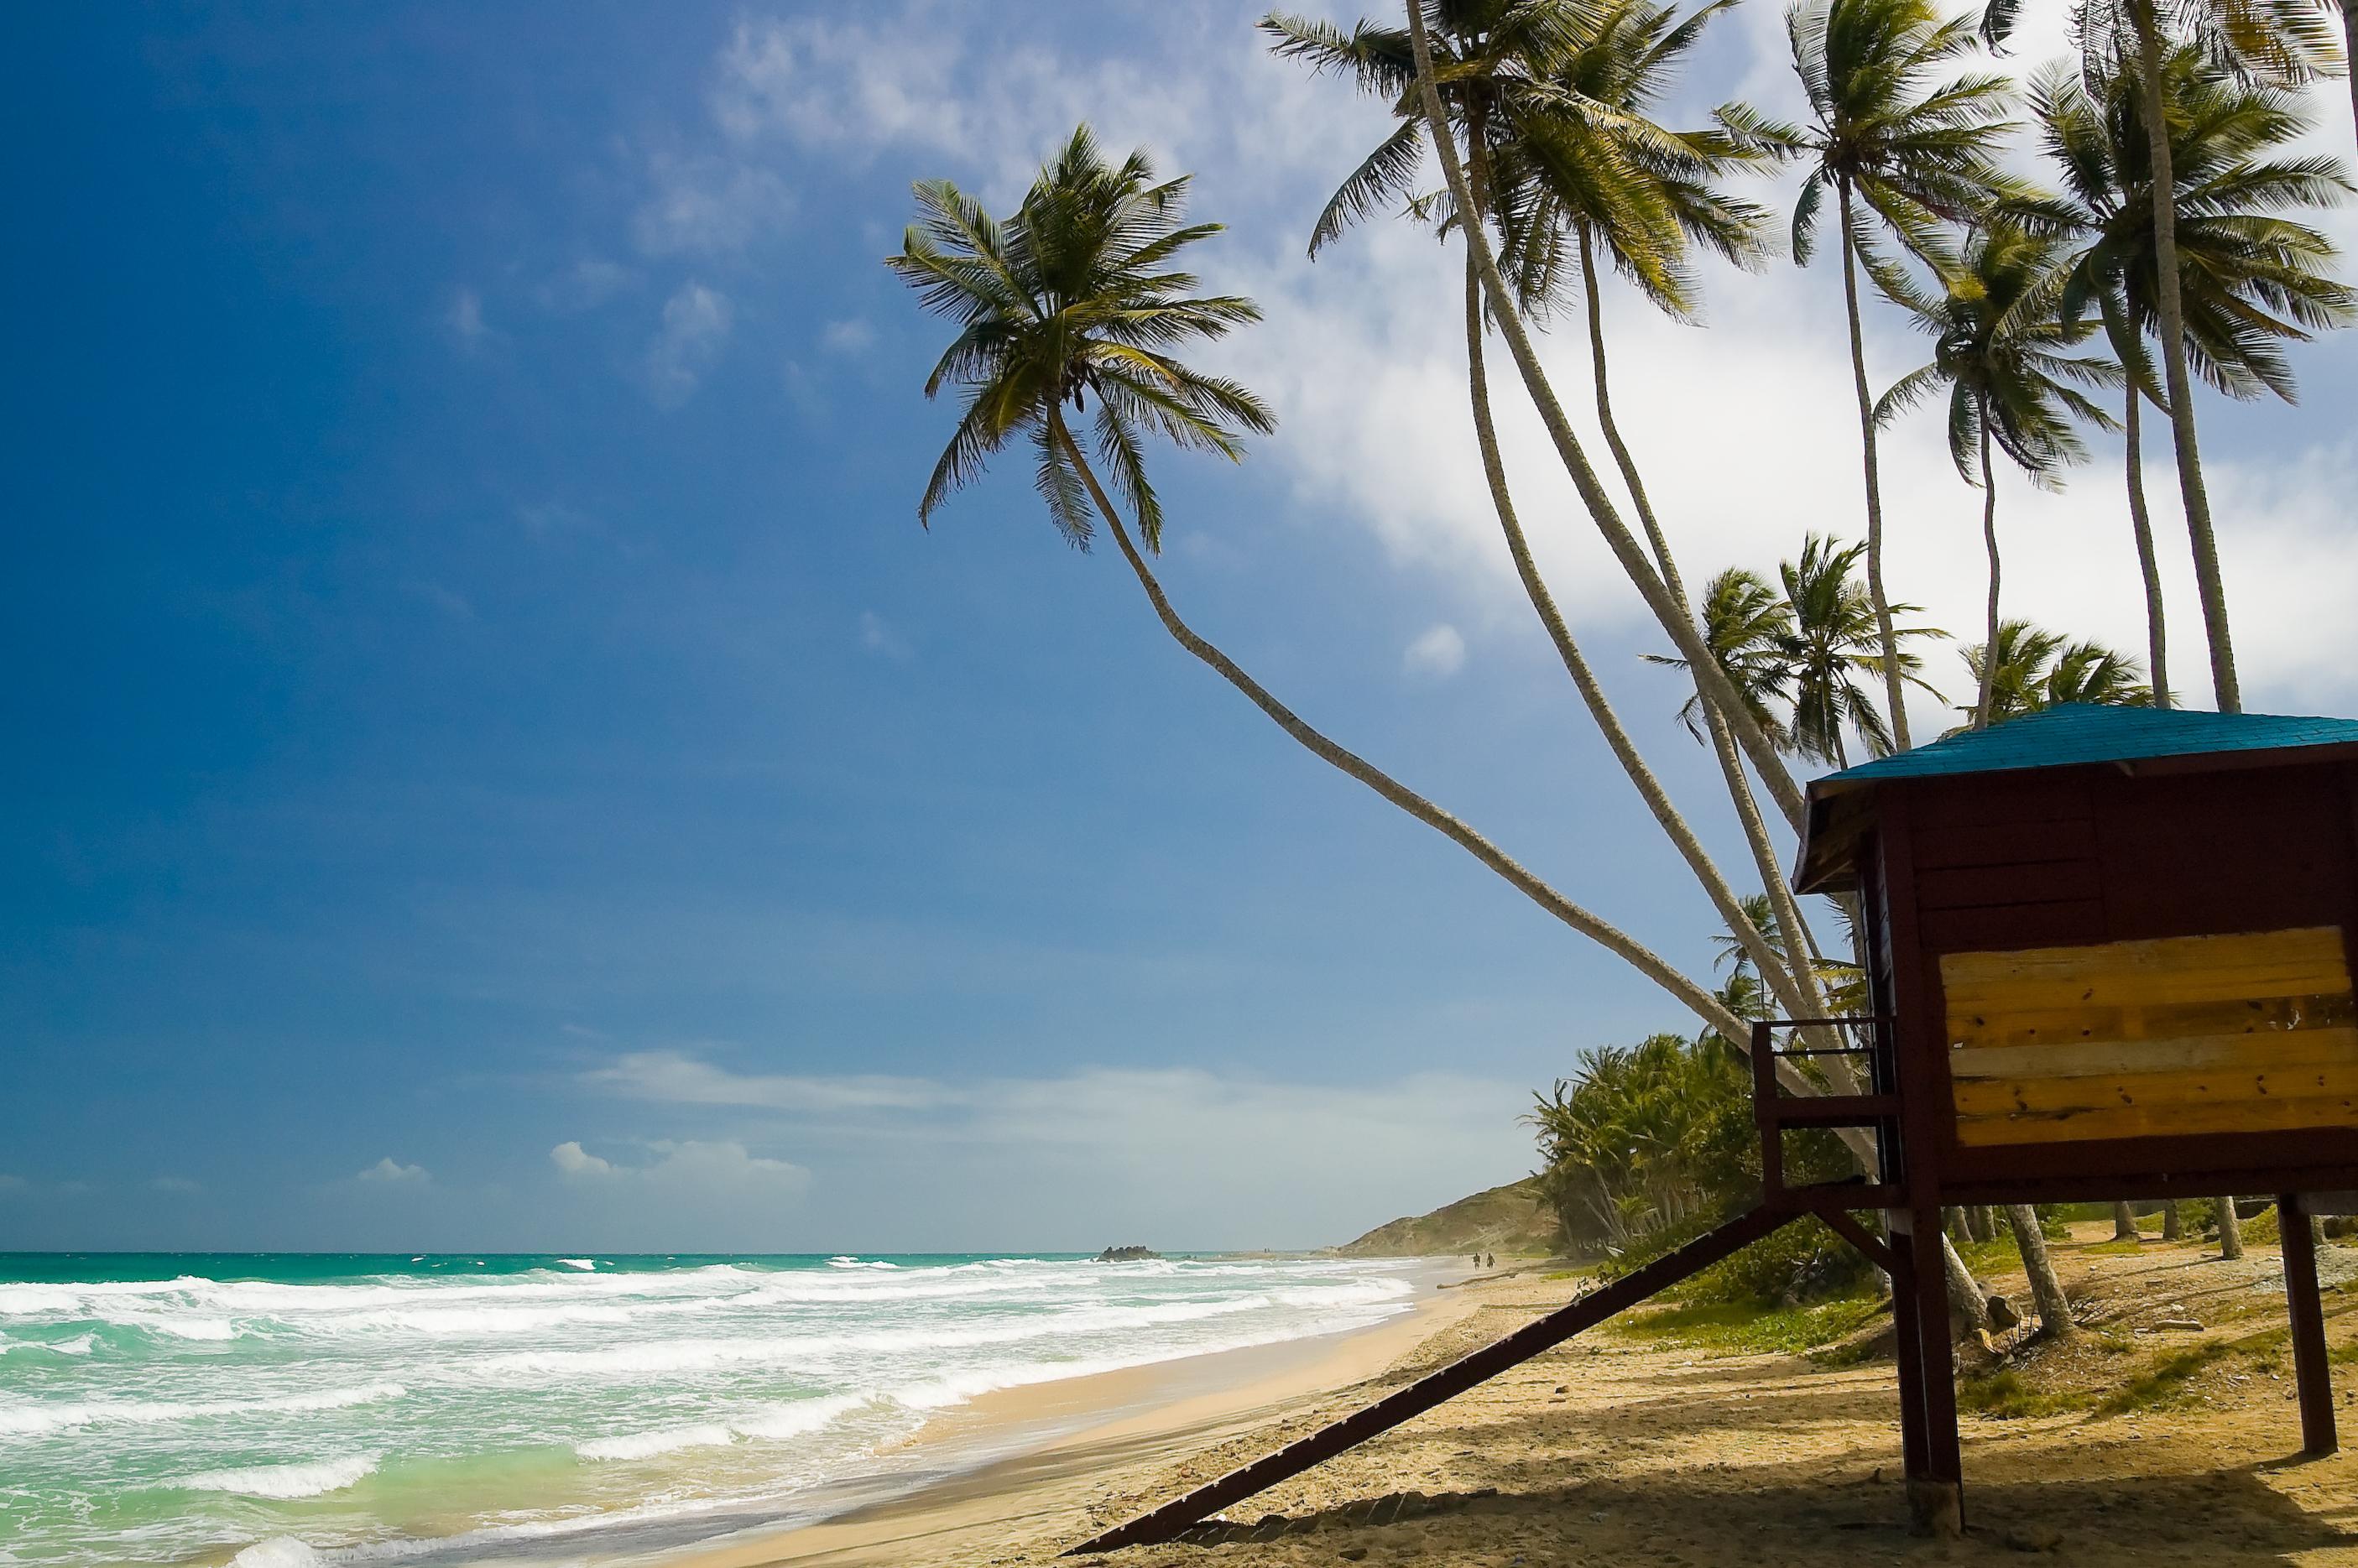 Beach in Venezuela, South America